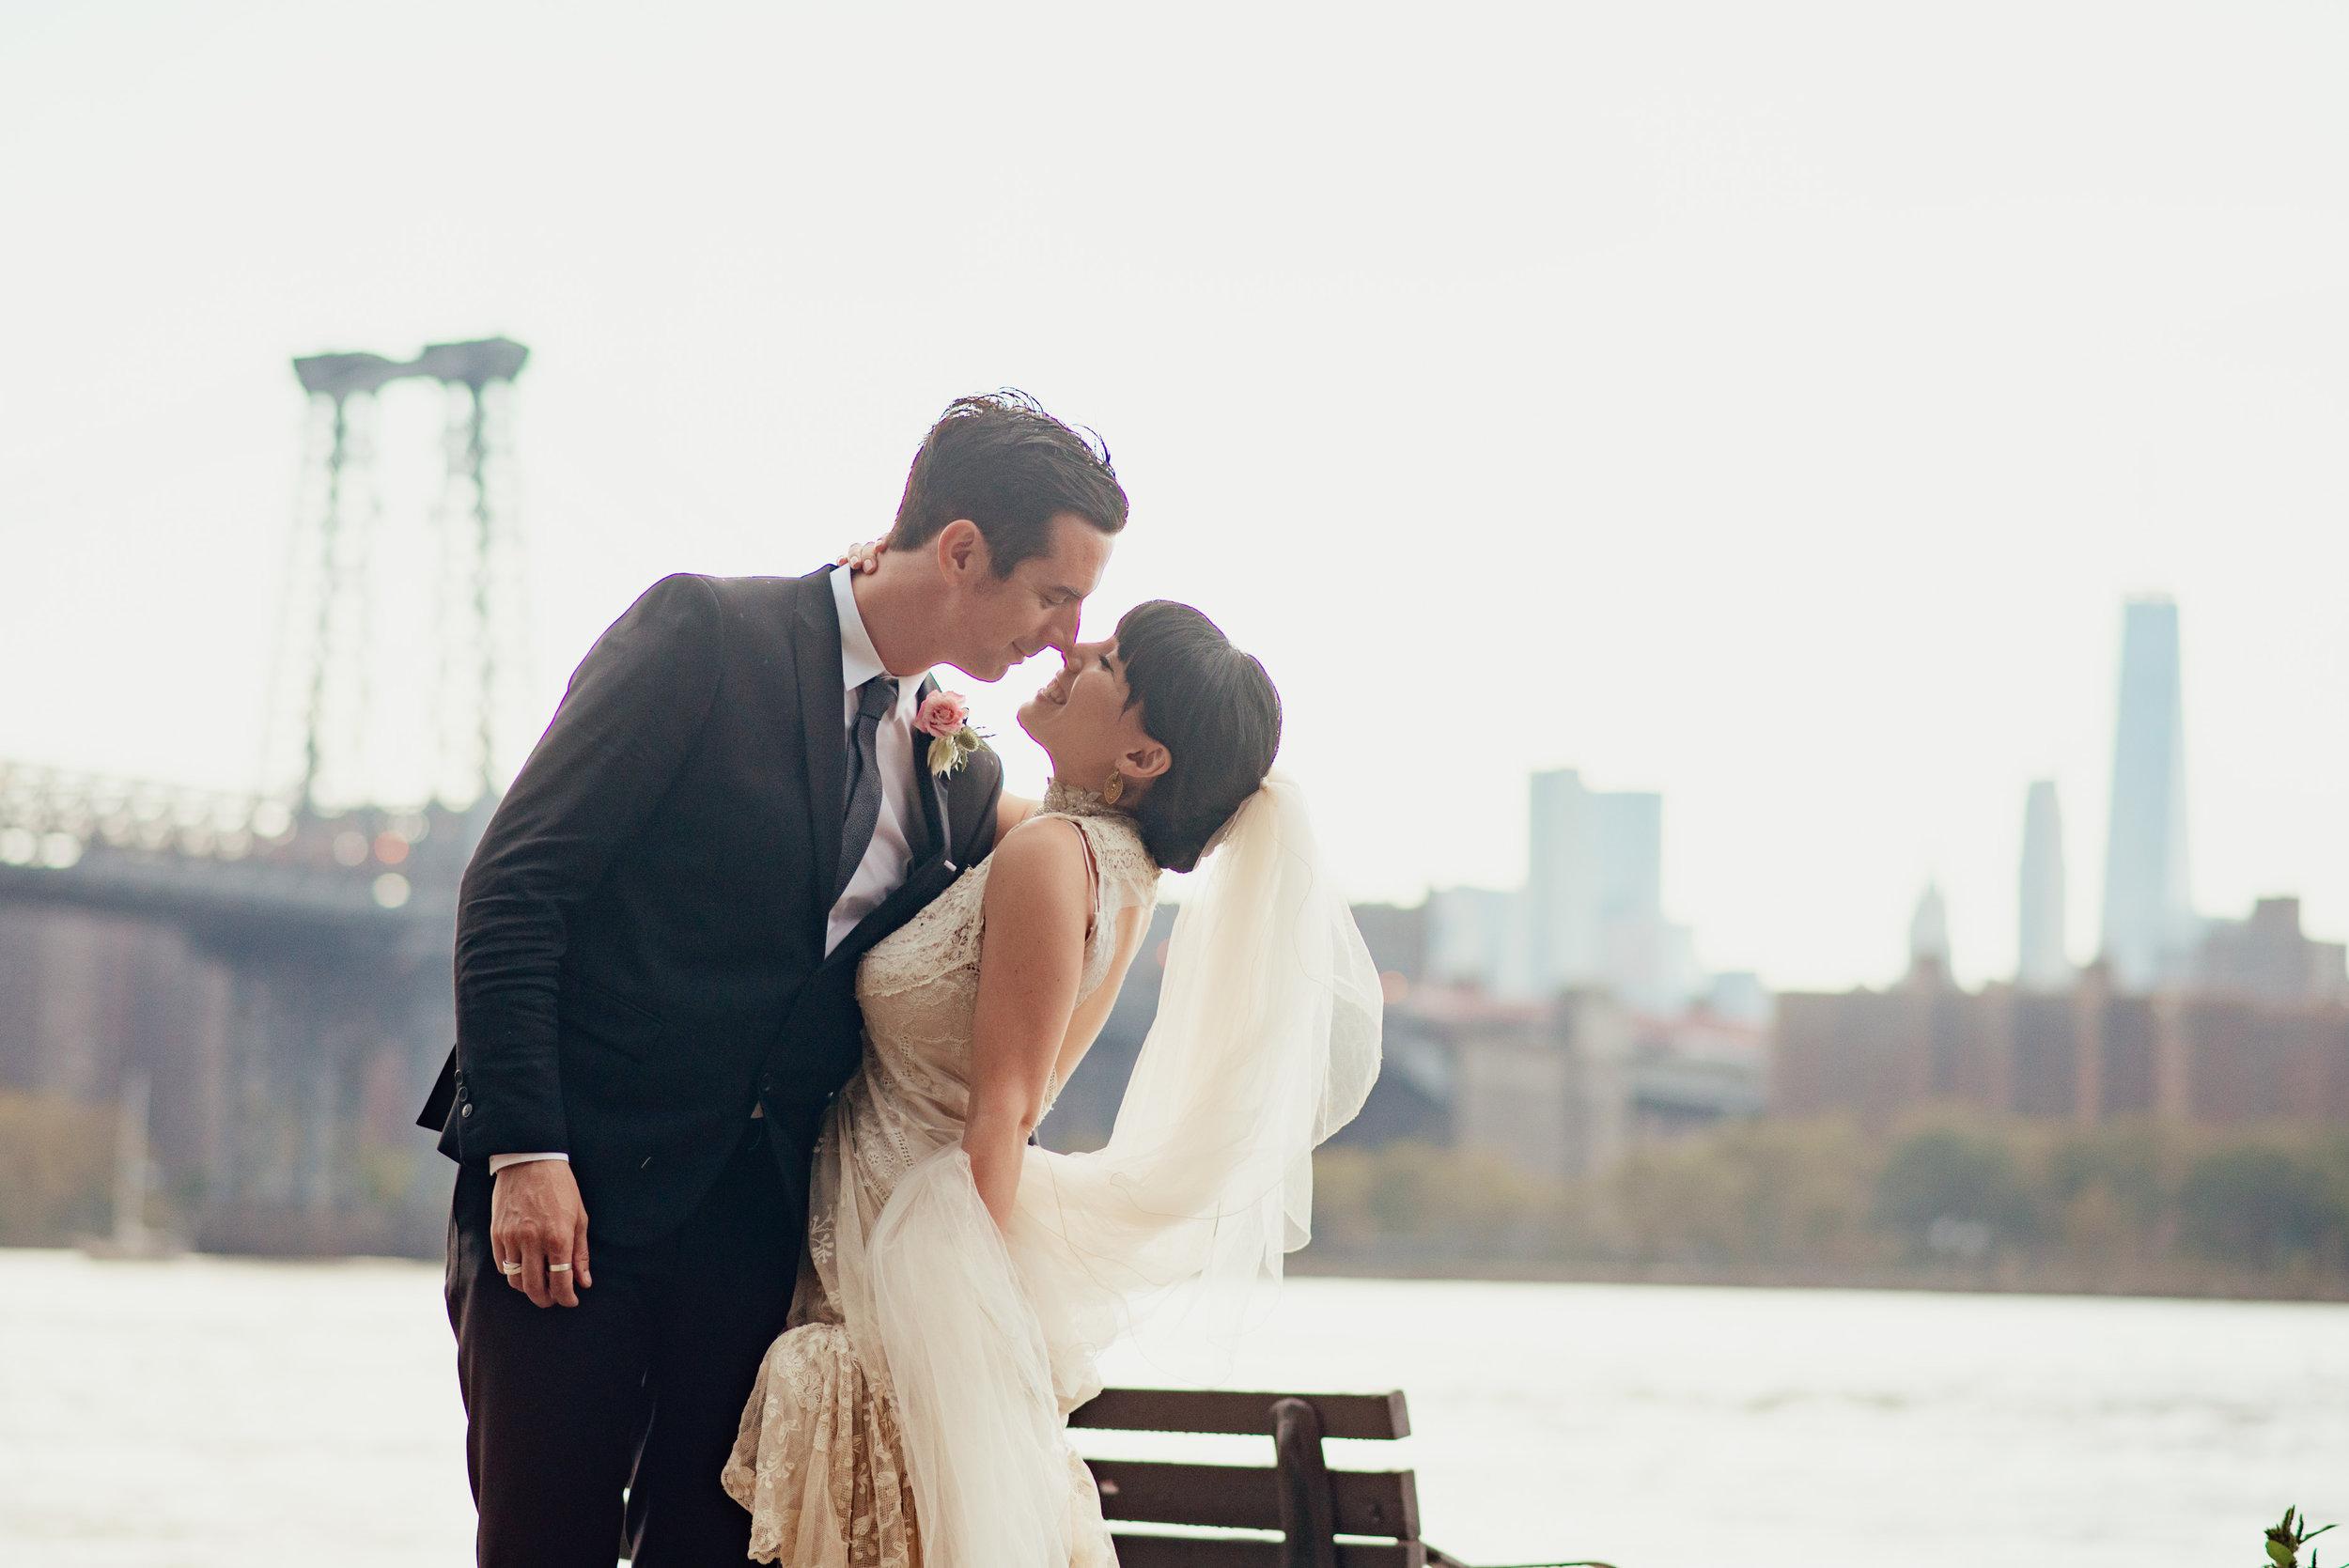 cleland-studios-weddings-37.jpg